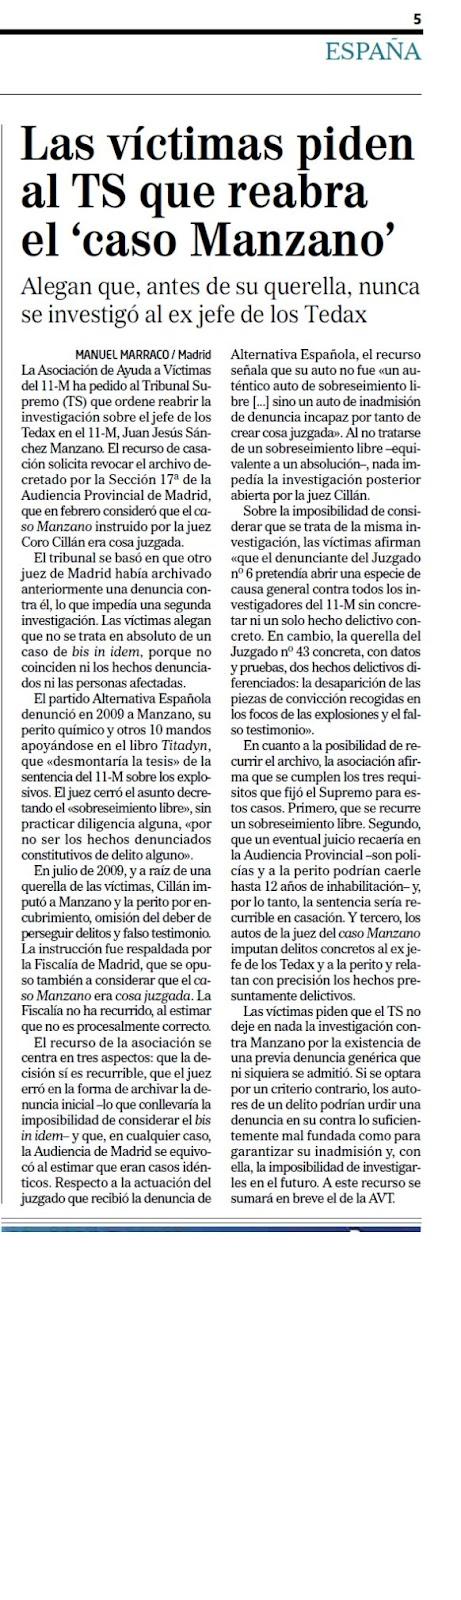 El PSOE quiere la helenización de España porque siente el repudio de la sociedad hacia sus siglas y teme que, si no logra impedir que el PP cree empleo, quedará excluido del poder para siglos